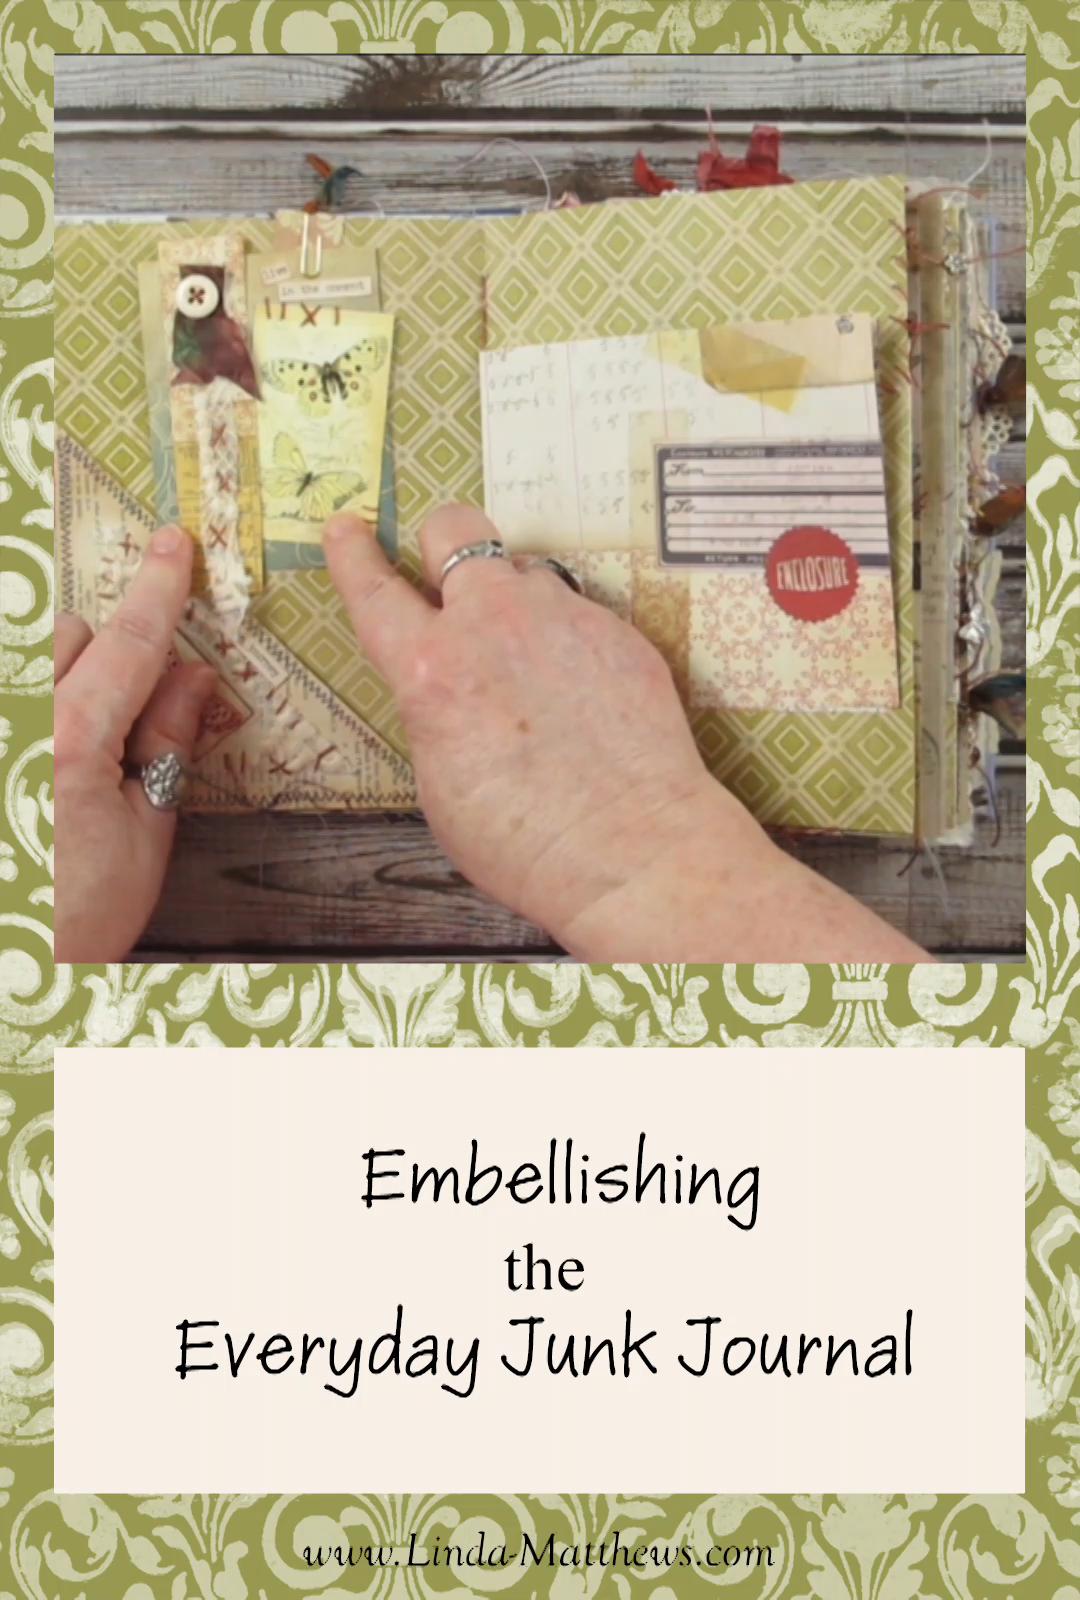 Junk Journal Embellishing